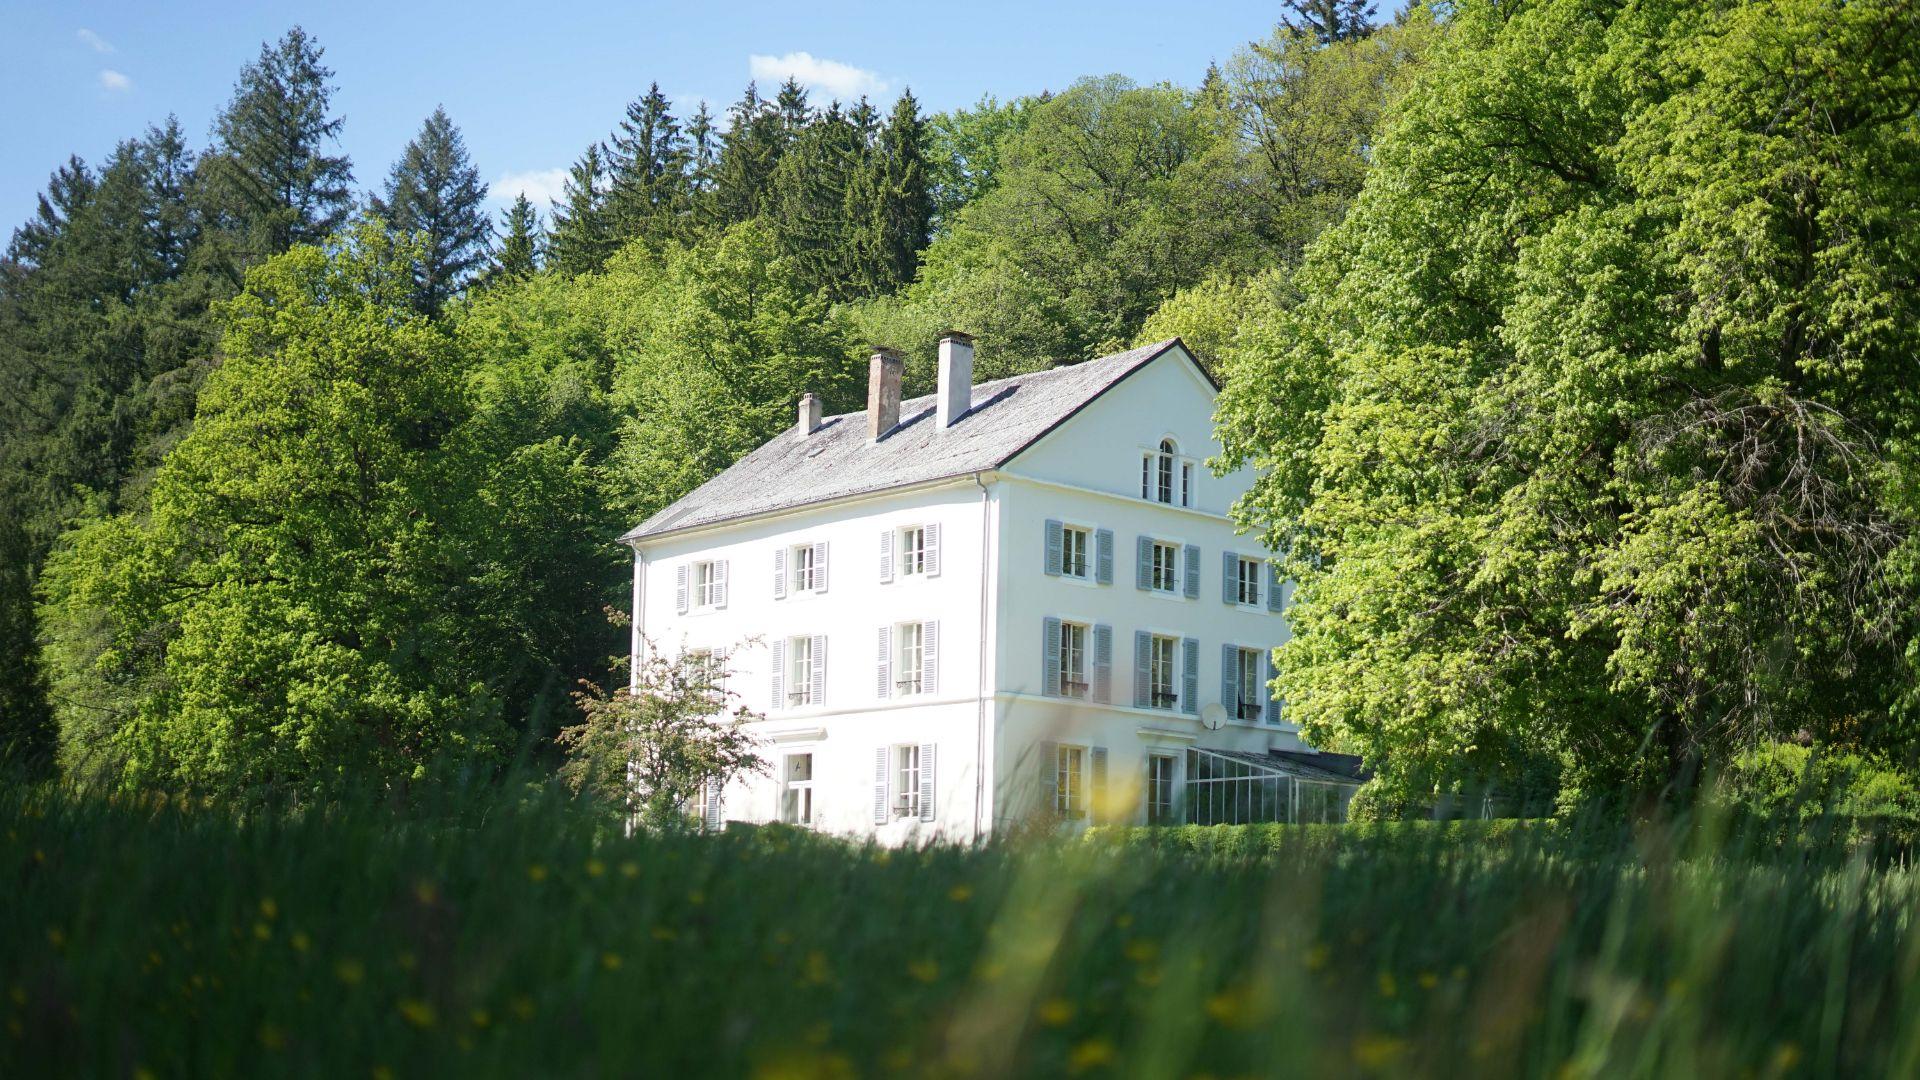 Auf dem Bild sieht man ein Haus von der Eventlocation Ettental im Saarland